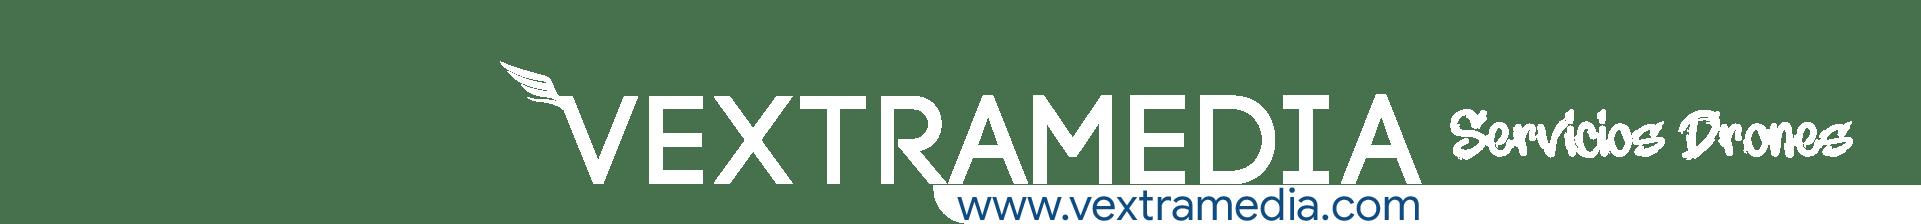 cabecera-Servicios-con-drones-vextramedia-